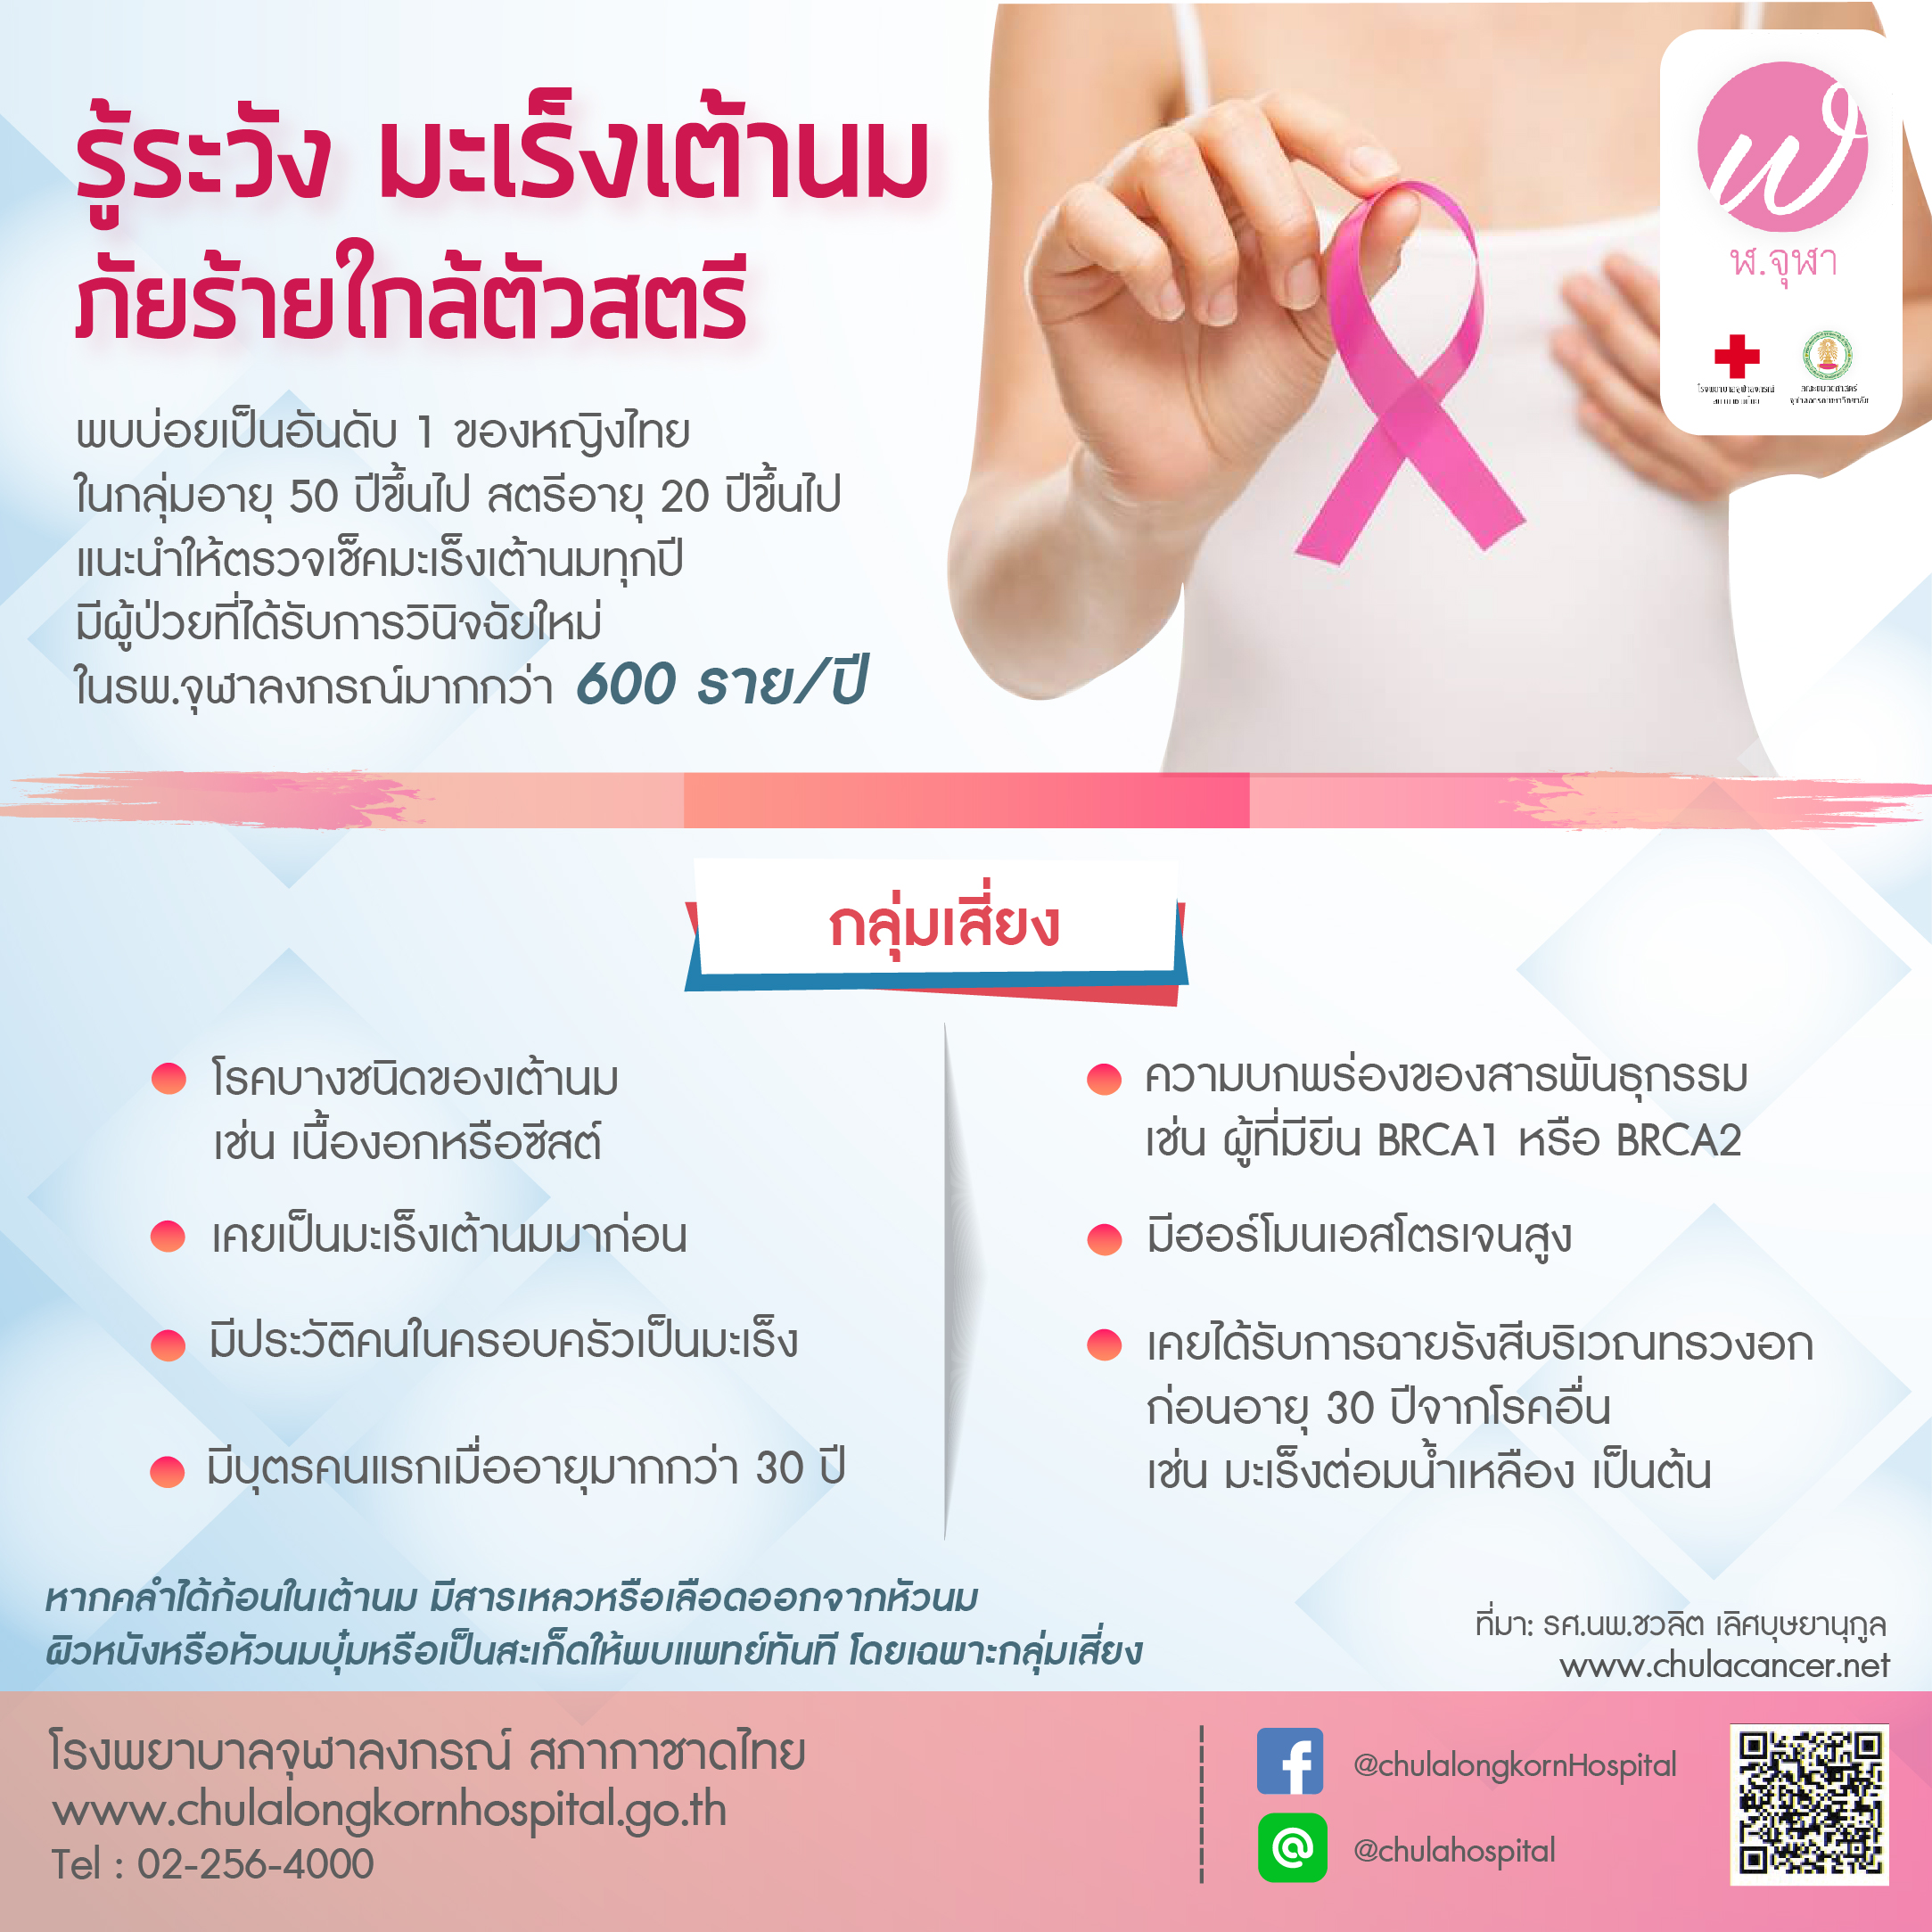 รู้ระวังมะเร็งเต้านม ภัยร้ายใกล้ตัวสตรี